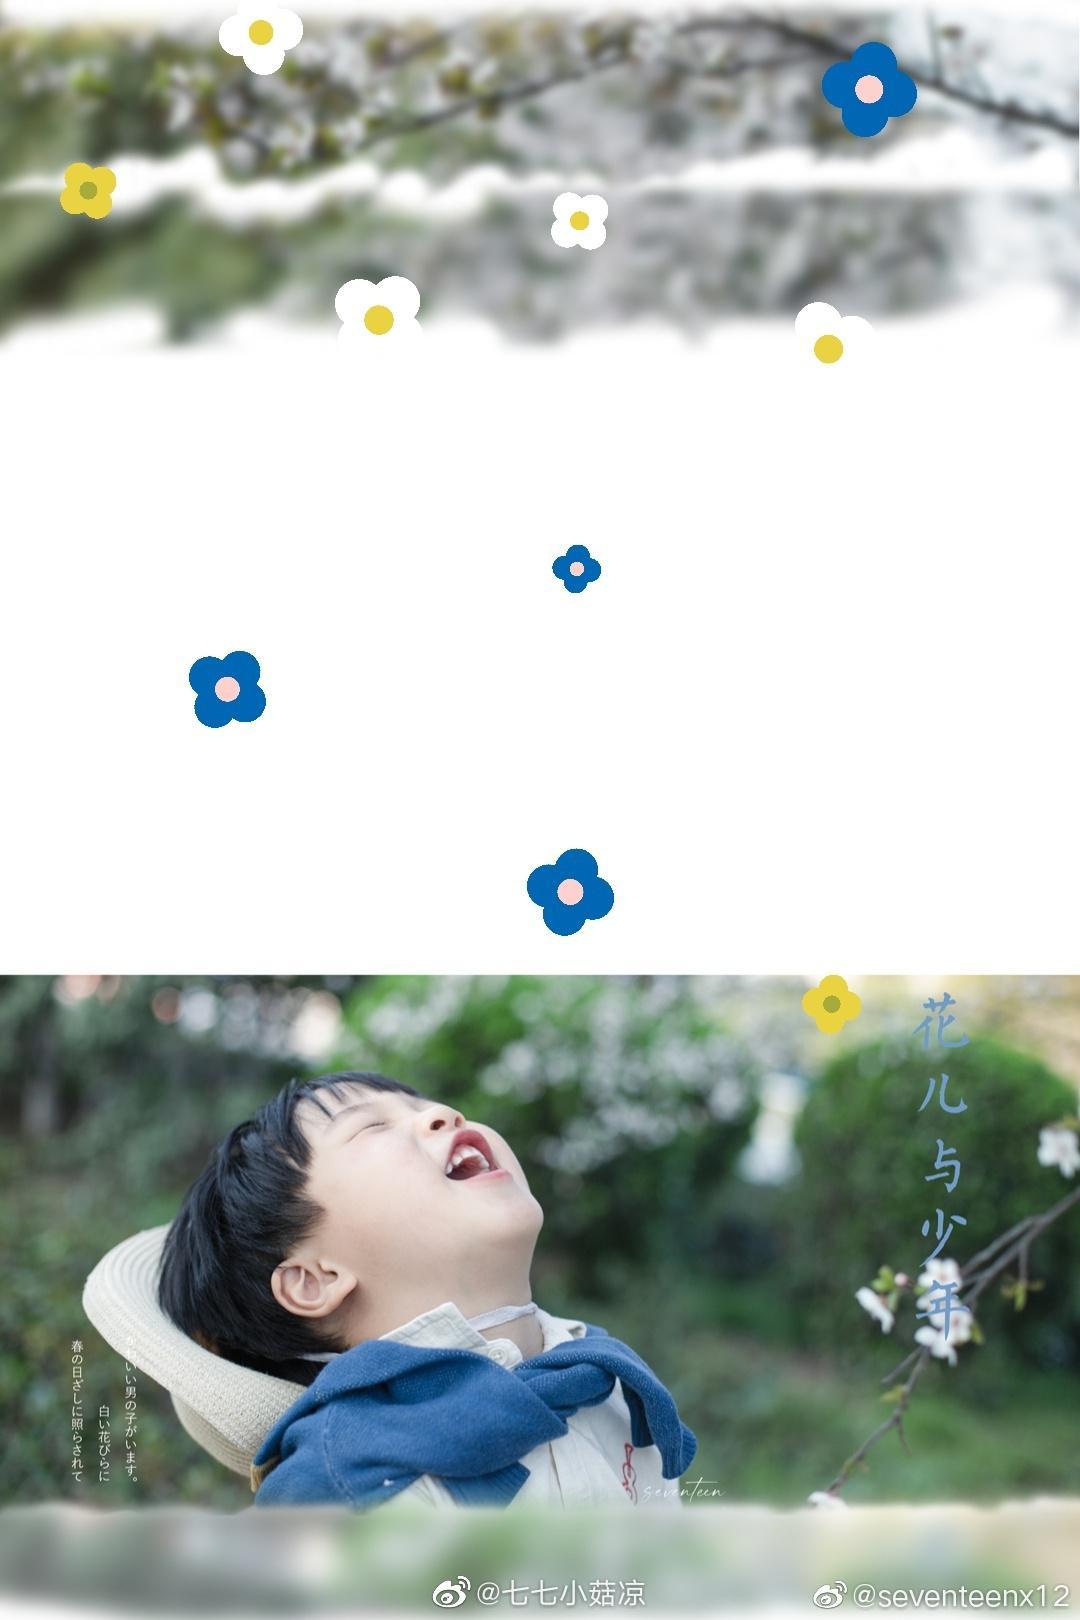 学员作品欣赏,来自seventeen@seventeenx12 的花儿与少年……